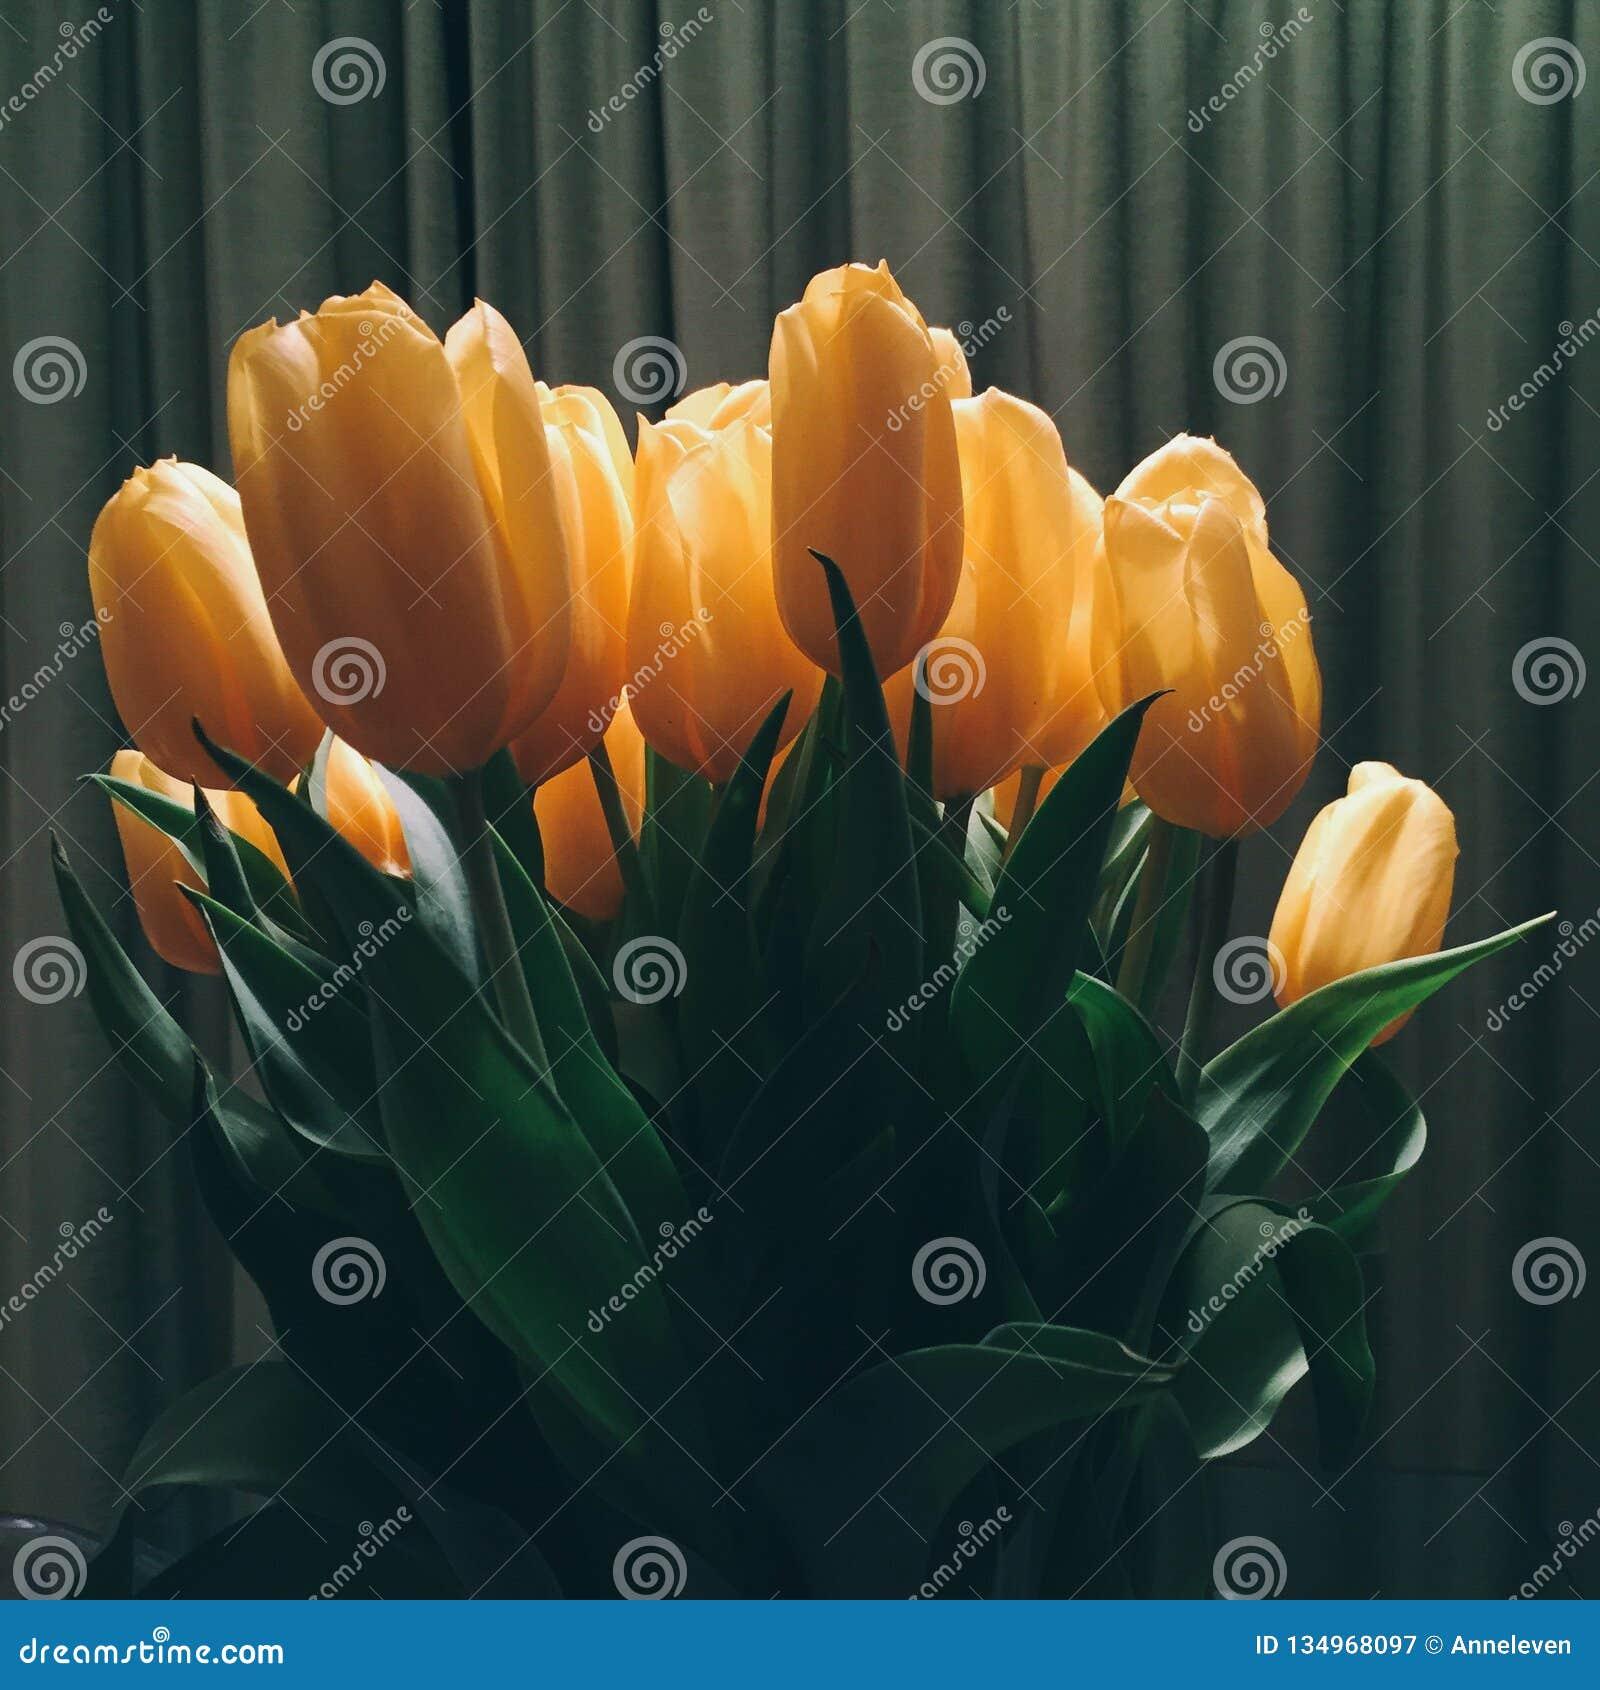 Blumenblüte - Hochzeit, Feiertag und Blumengarten redeten Konzept an